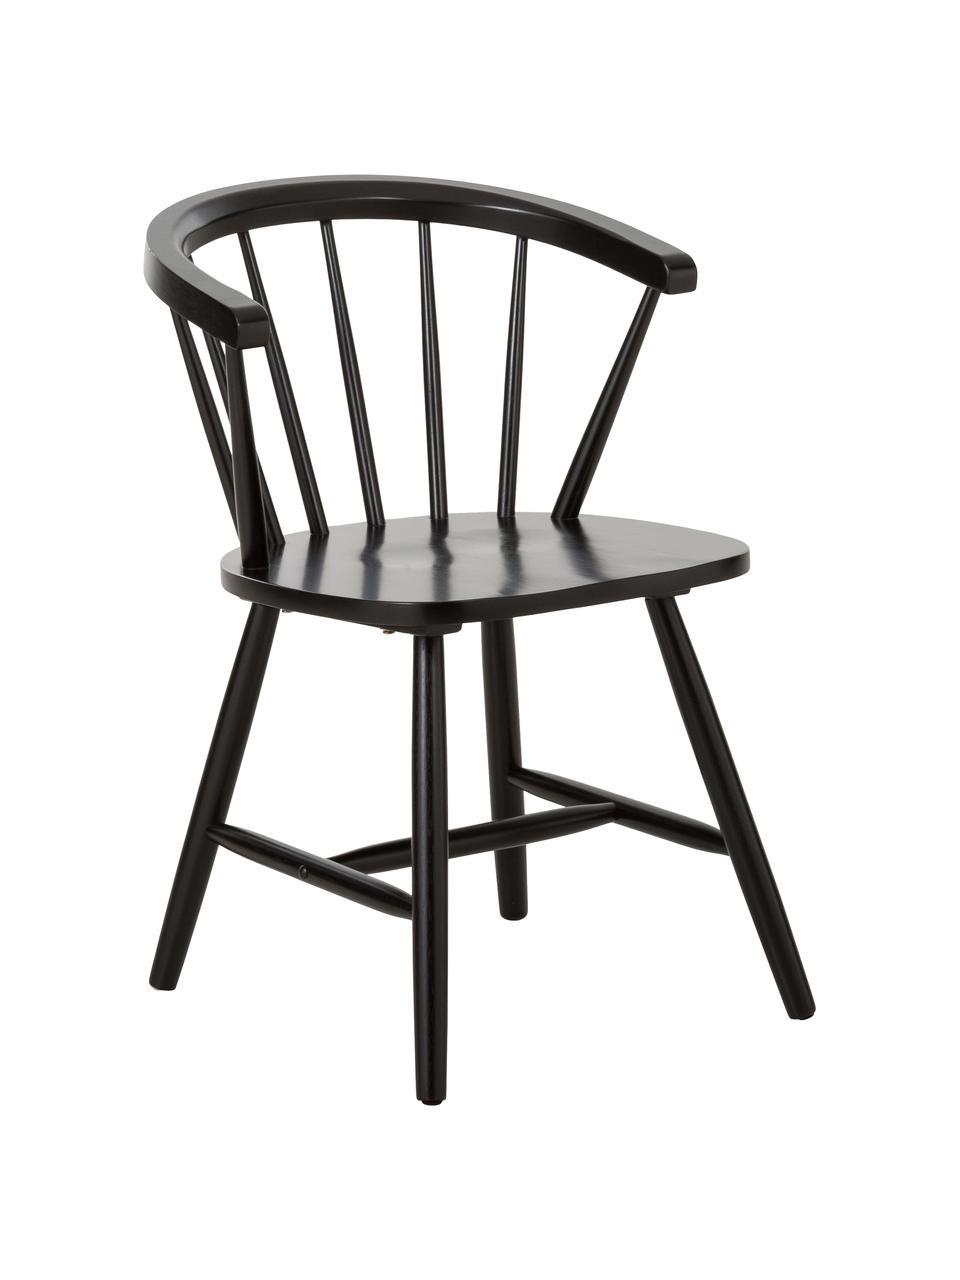 Židle s područkami ve windsorském stylu Megan, 2 ks, Černá